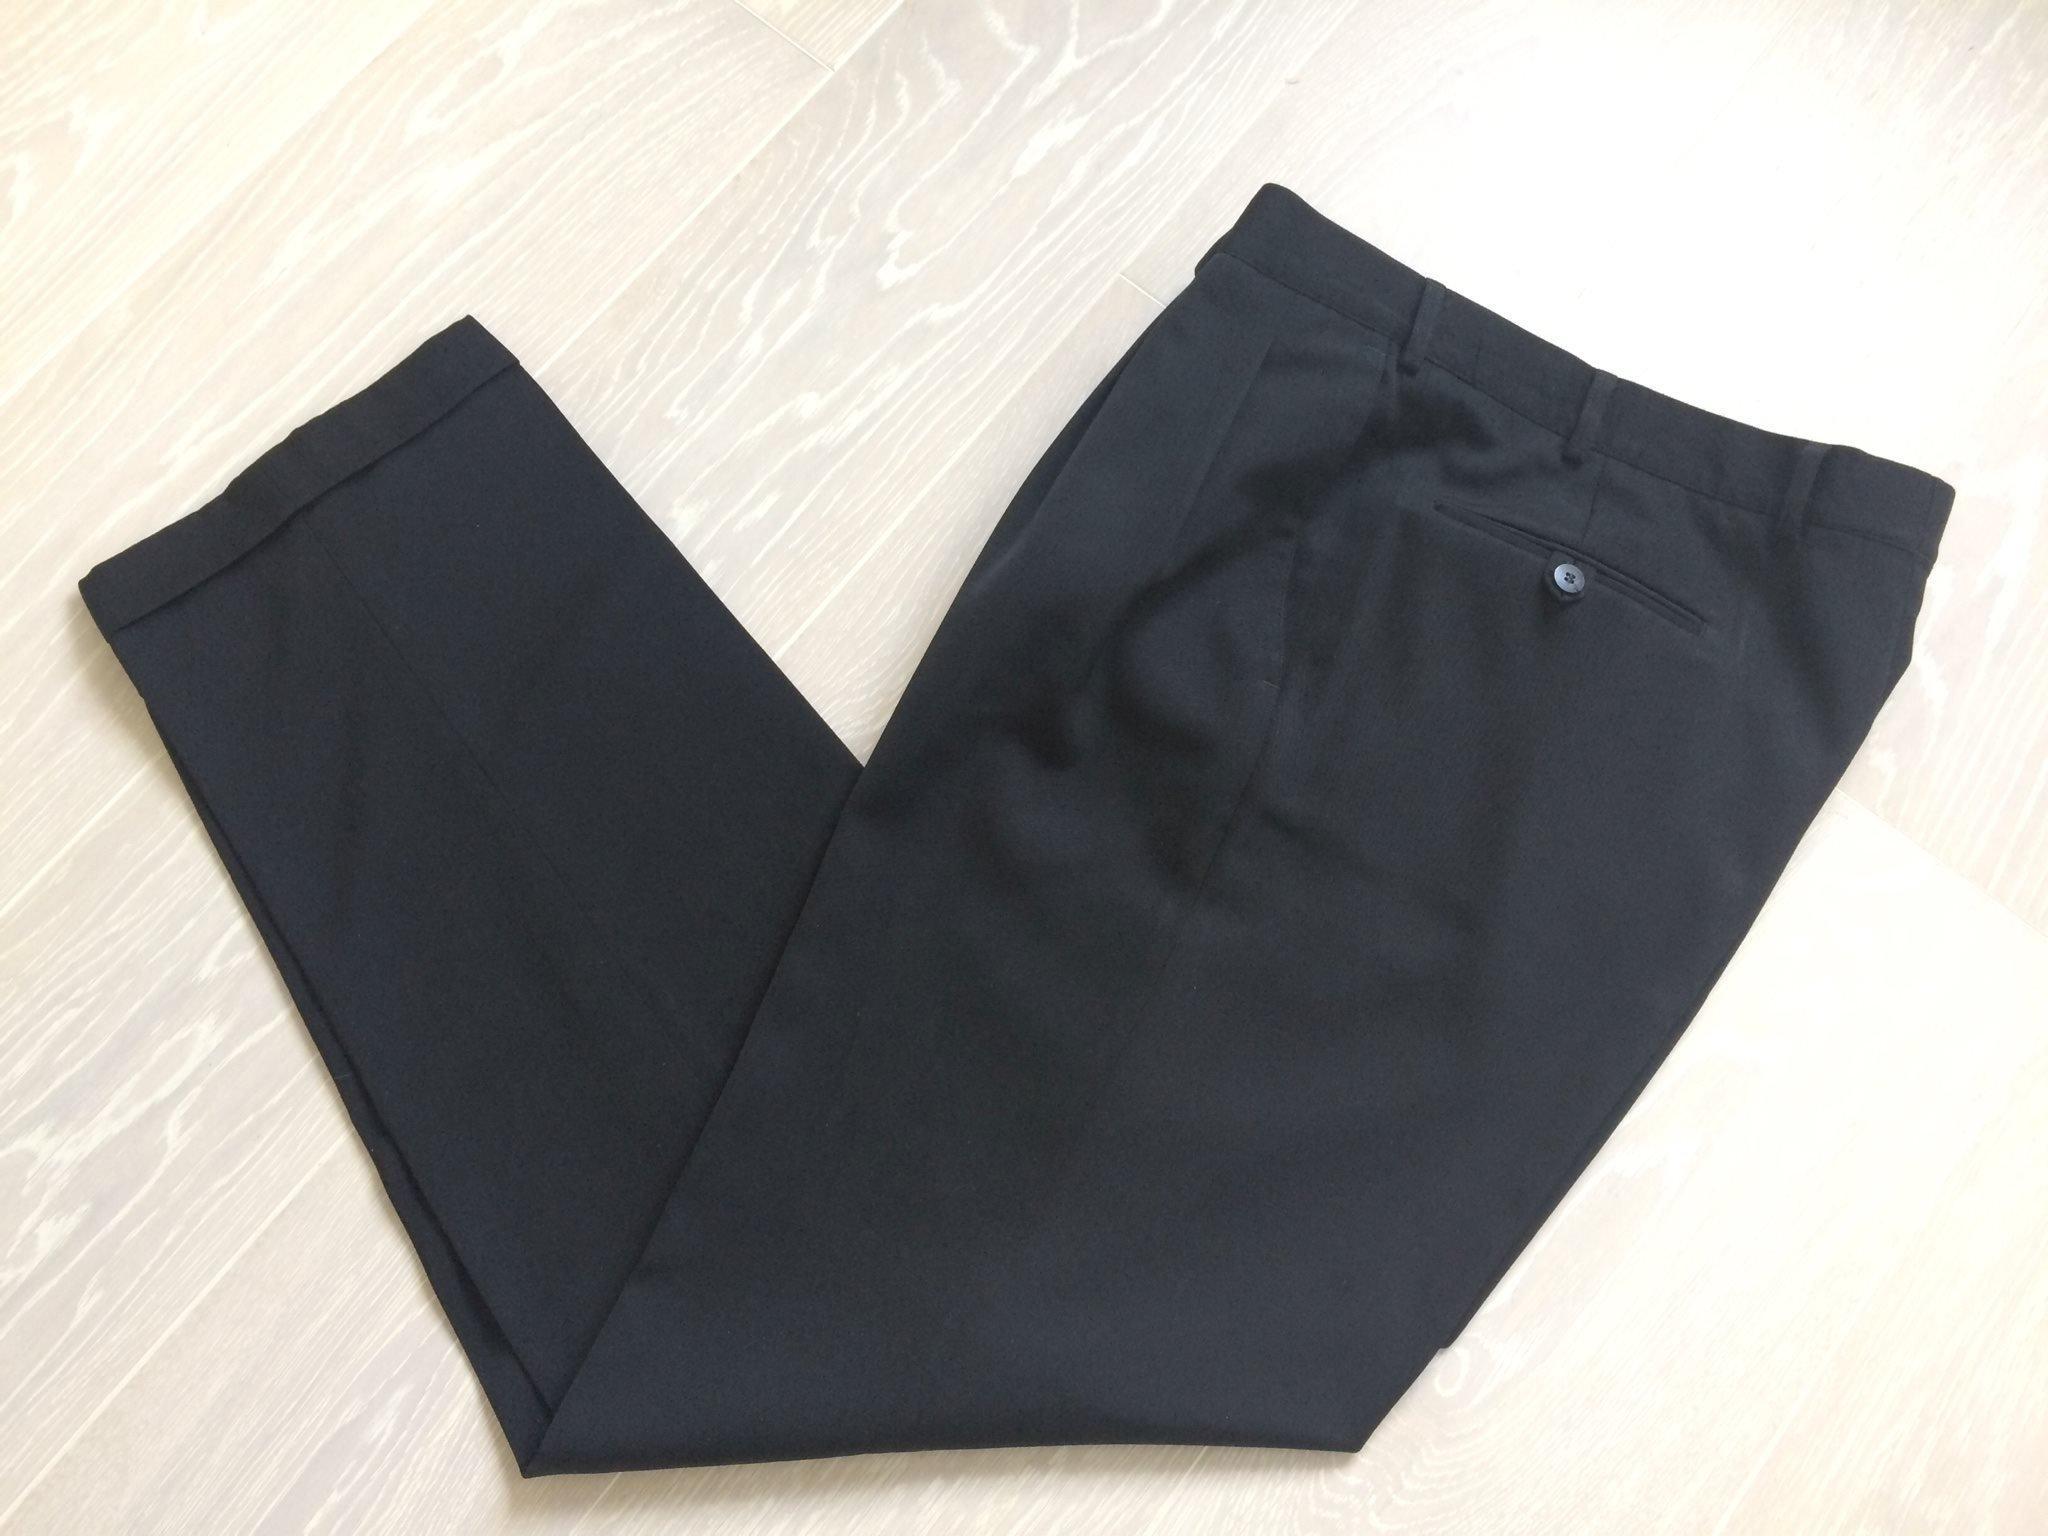 b6c5d69d2b82 Snygga Brason svarta kostymbyxor finbyxor med pressveck herr stl 54 ...